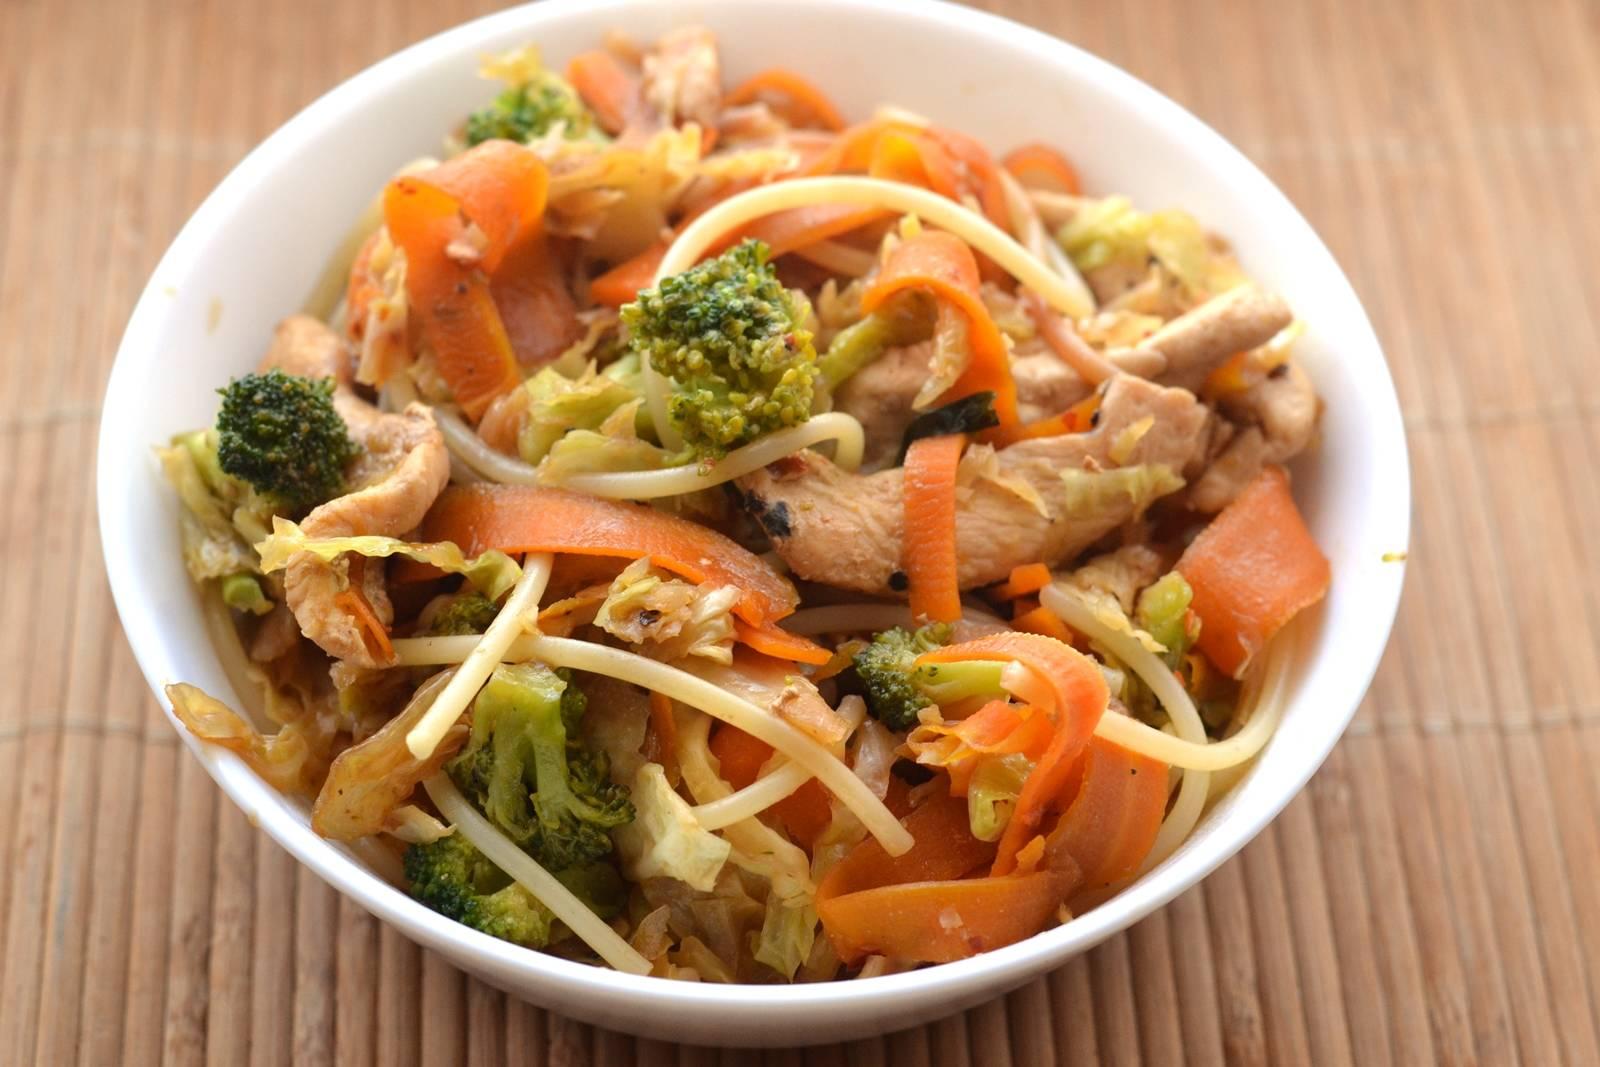 Zöldséges csirkés spagetti recept főfotó